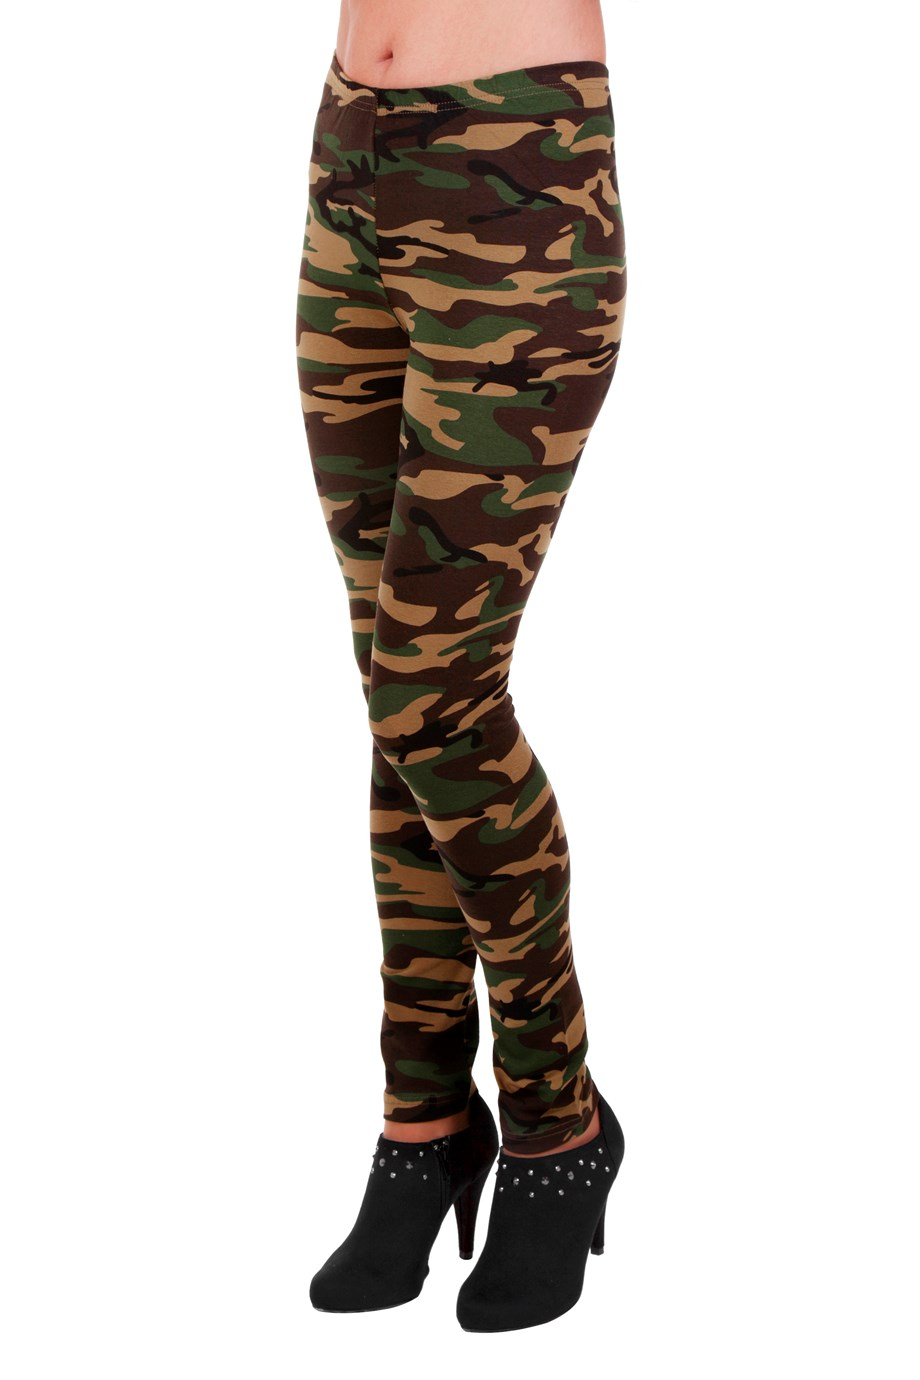 Legging bedrukt camouflageprint voor volwassenen